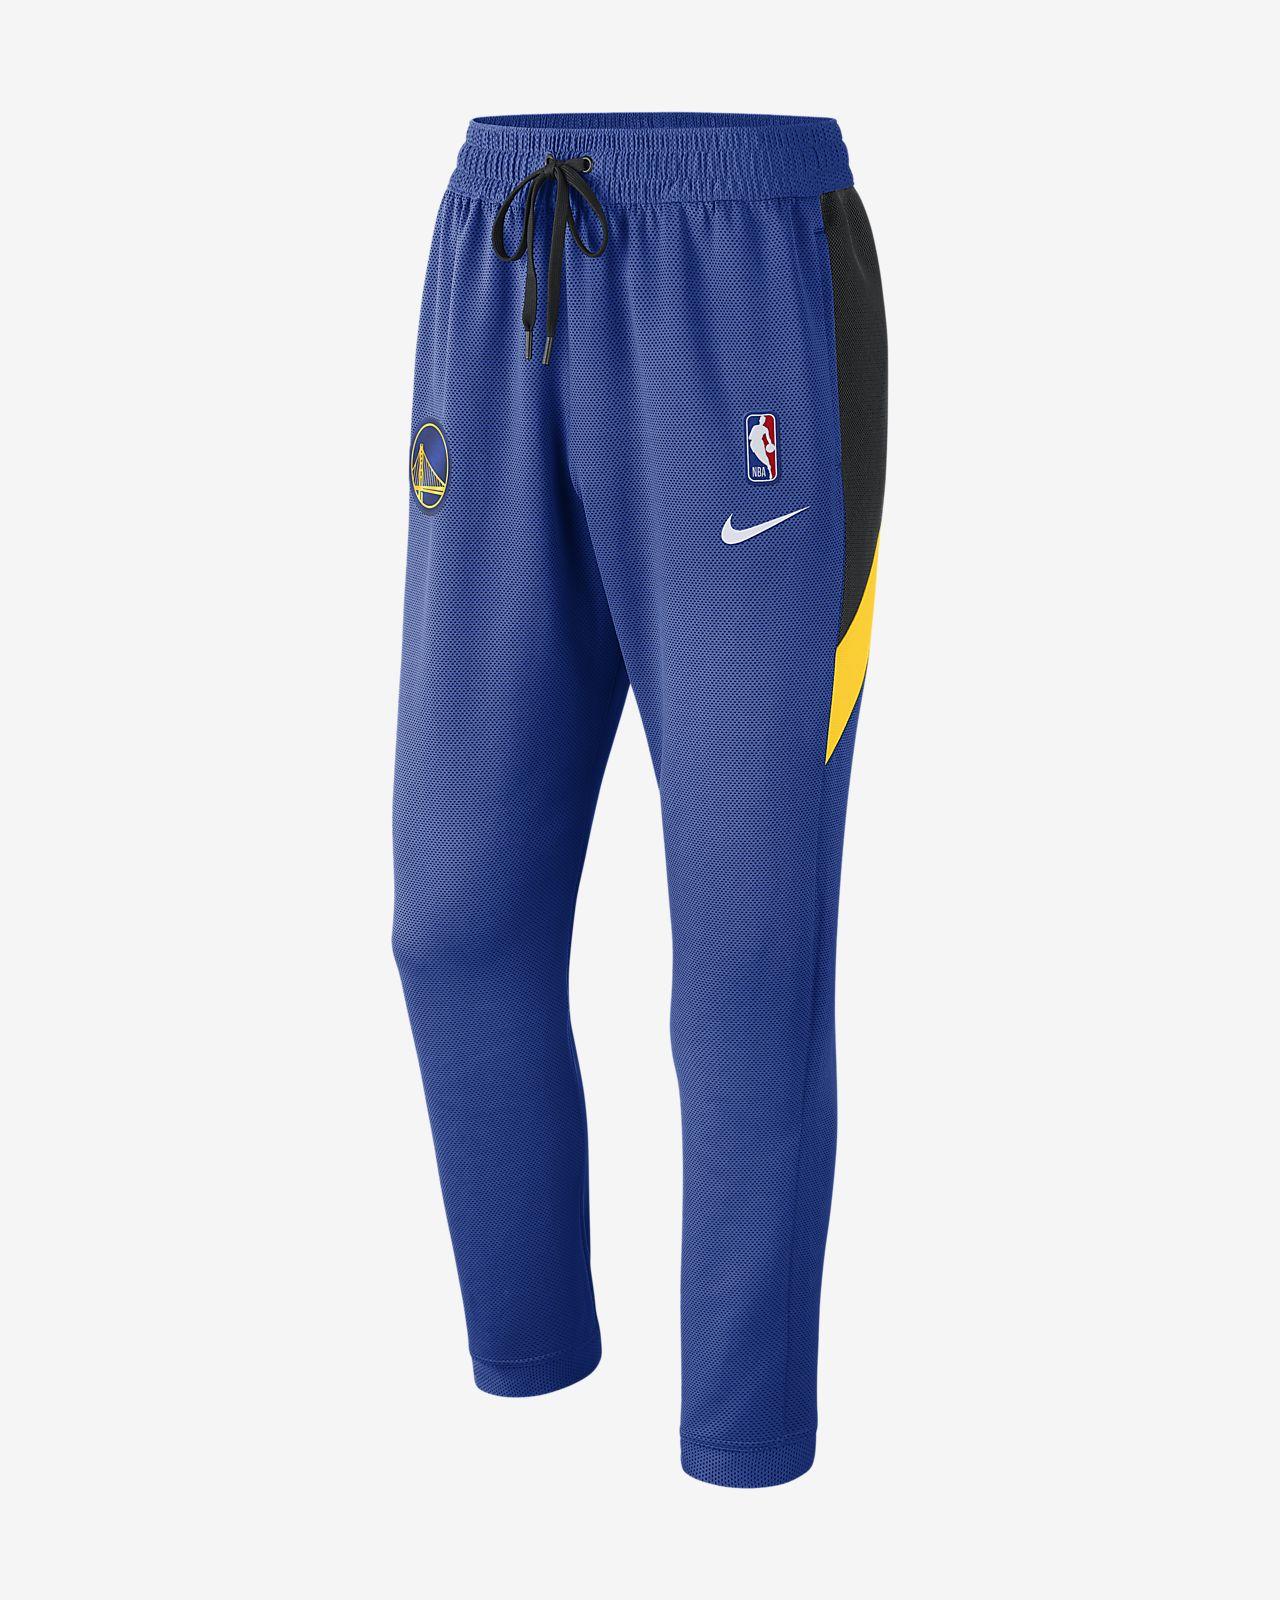 Ανδρικό παντελόνι NBA Golden State Warriors Nike Therma Flex Showtime